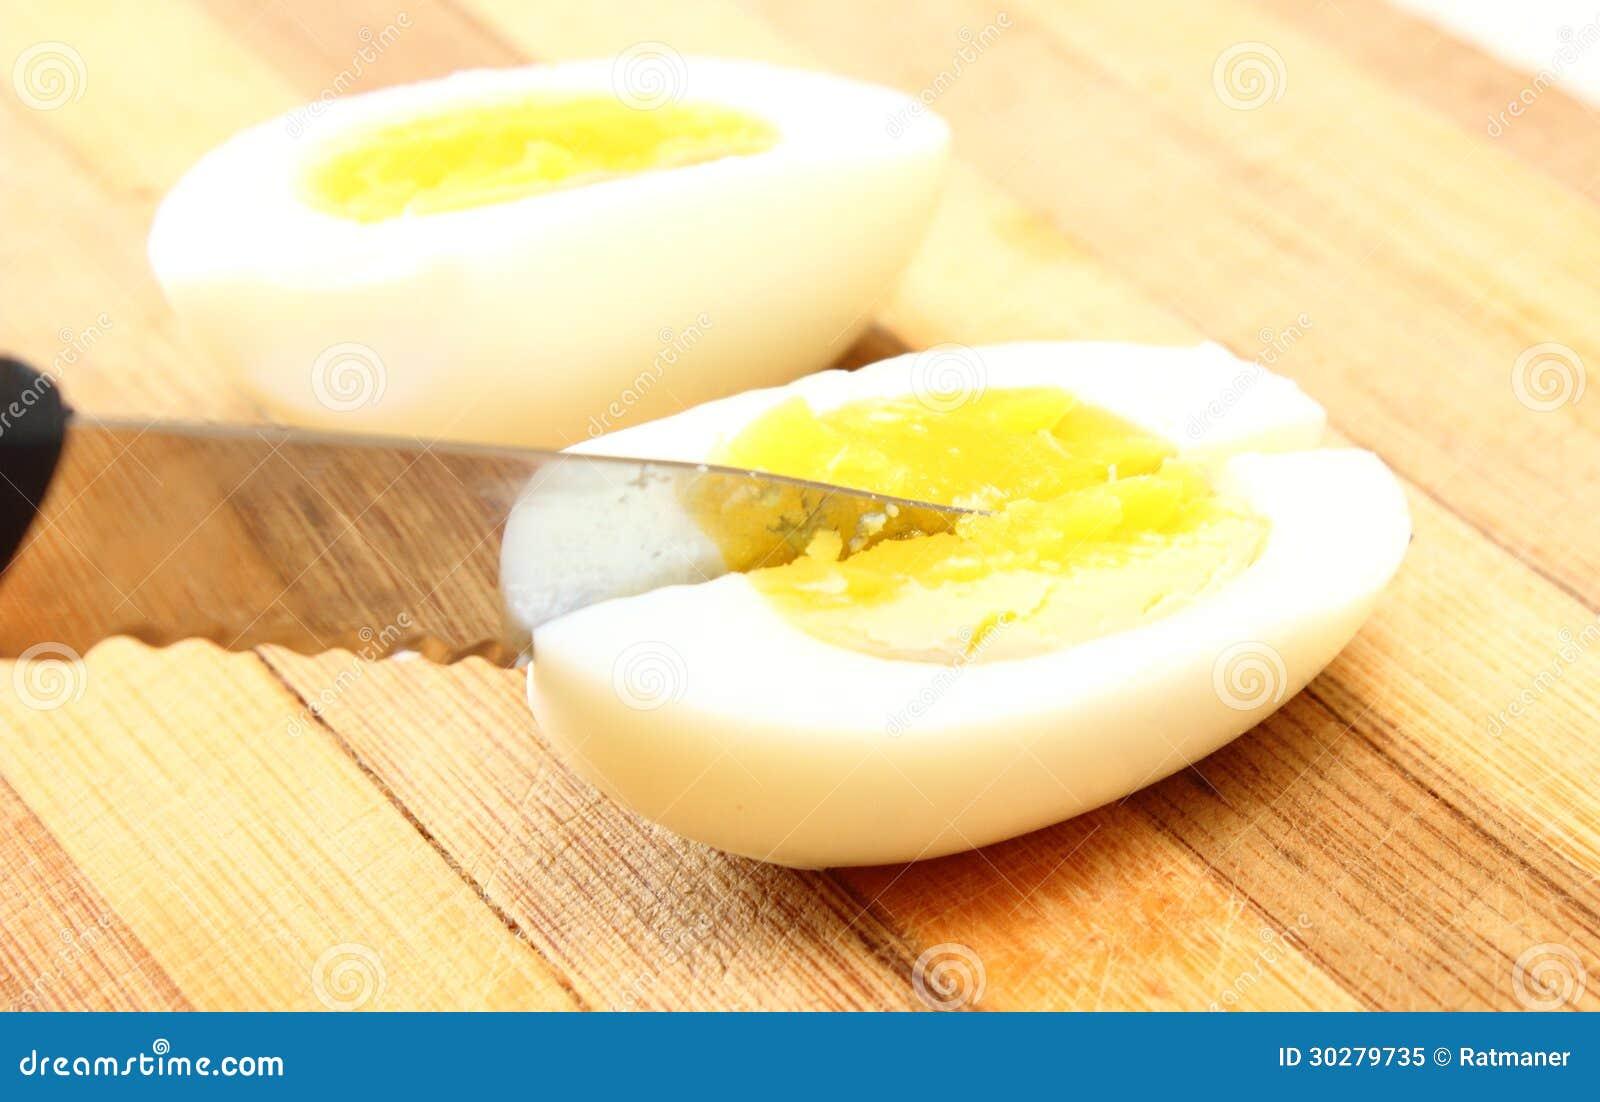 与刀子的切的鸡蛋